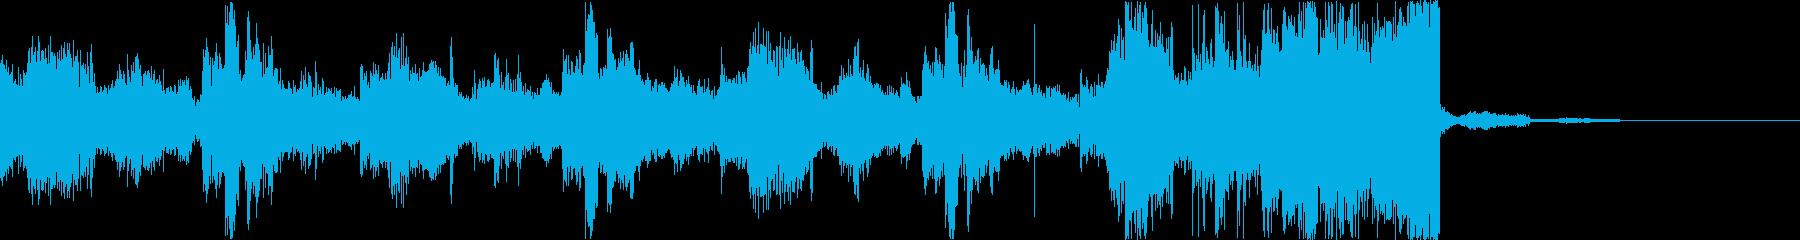 チルアウトクールなトロピカルハウスeの再生済みの波形